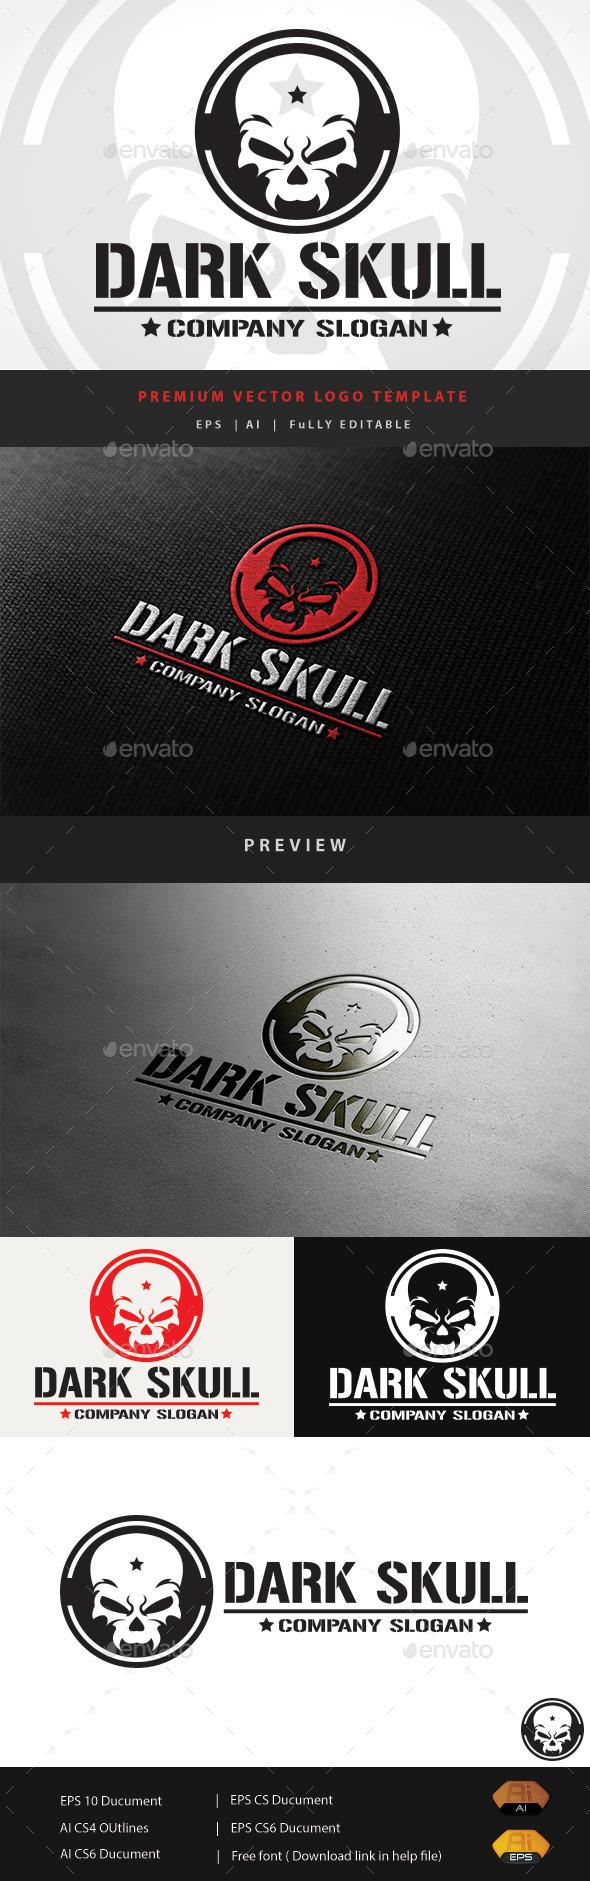 GraphicRiver Dack Skull 11508926